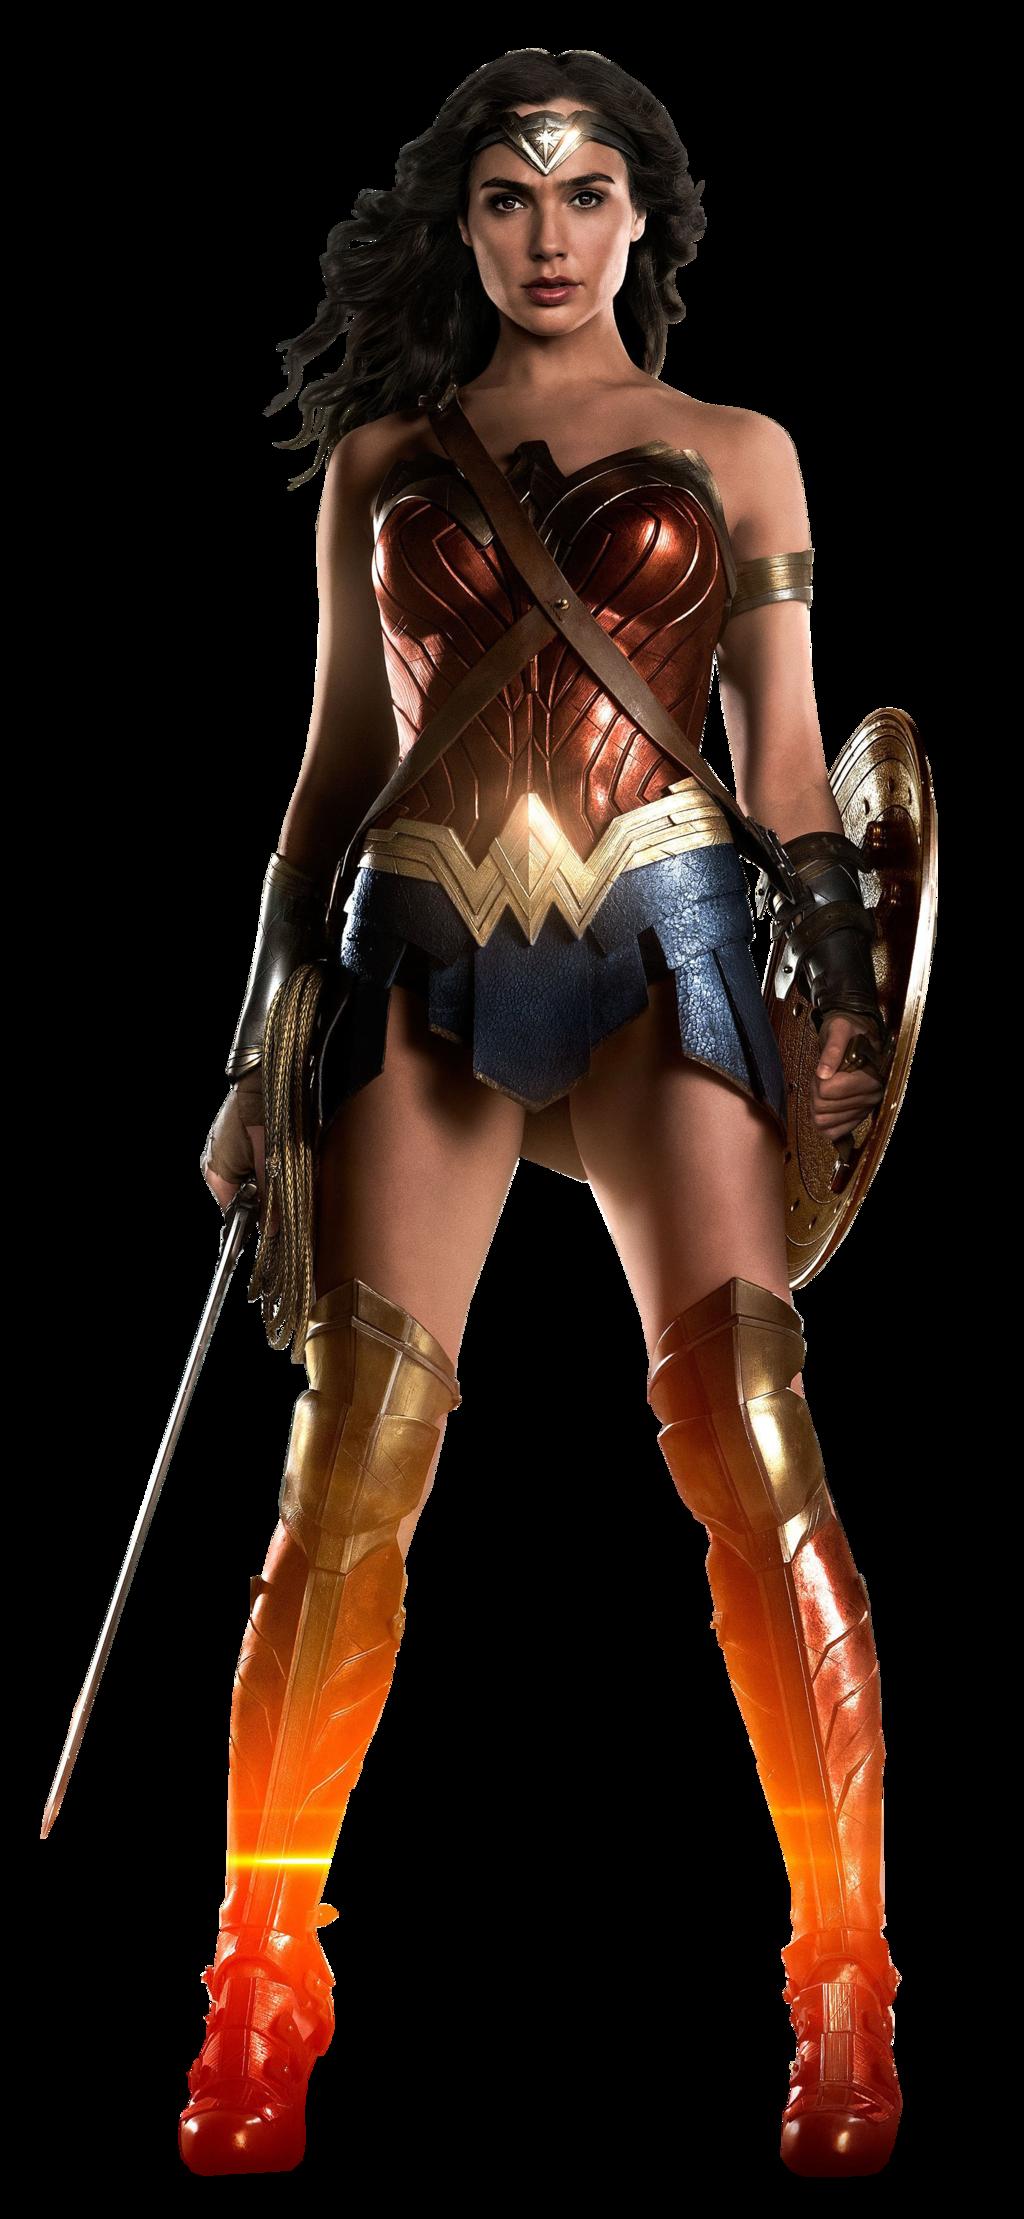 . PlusPng.com Justice League | Wonder Woman png by mintmovi3 - Wonder Woman PNG